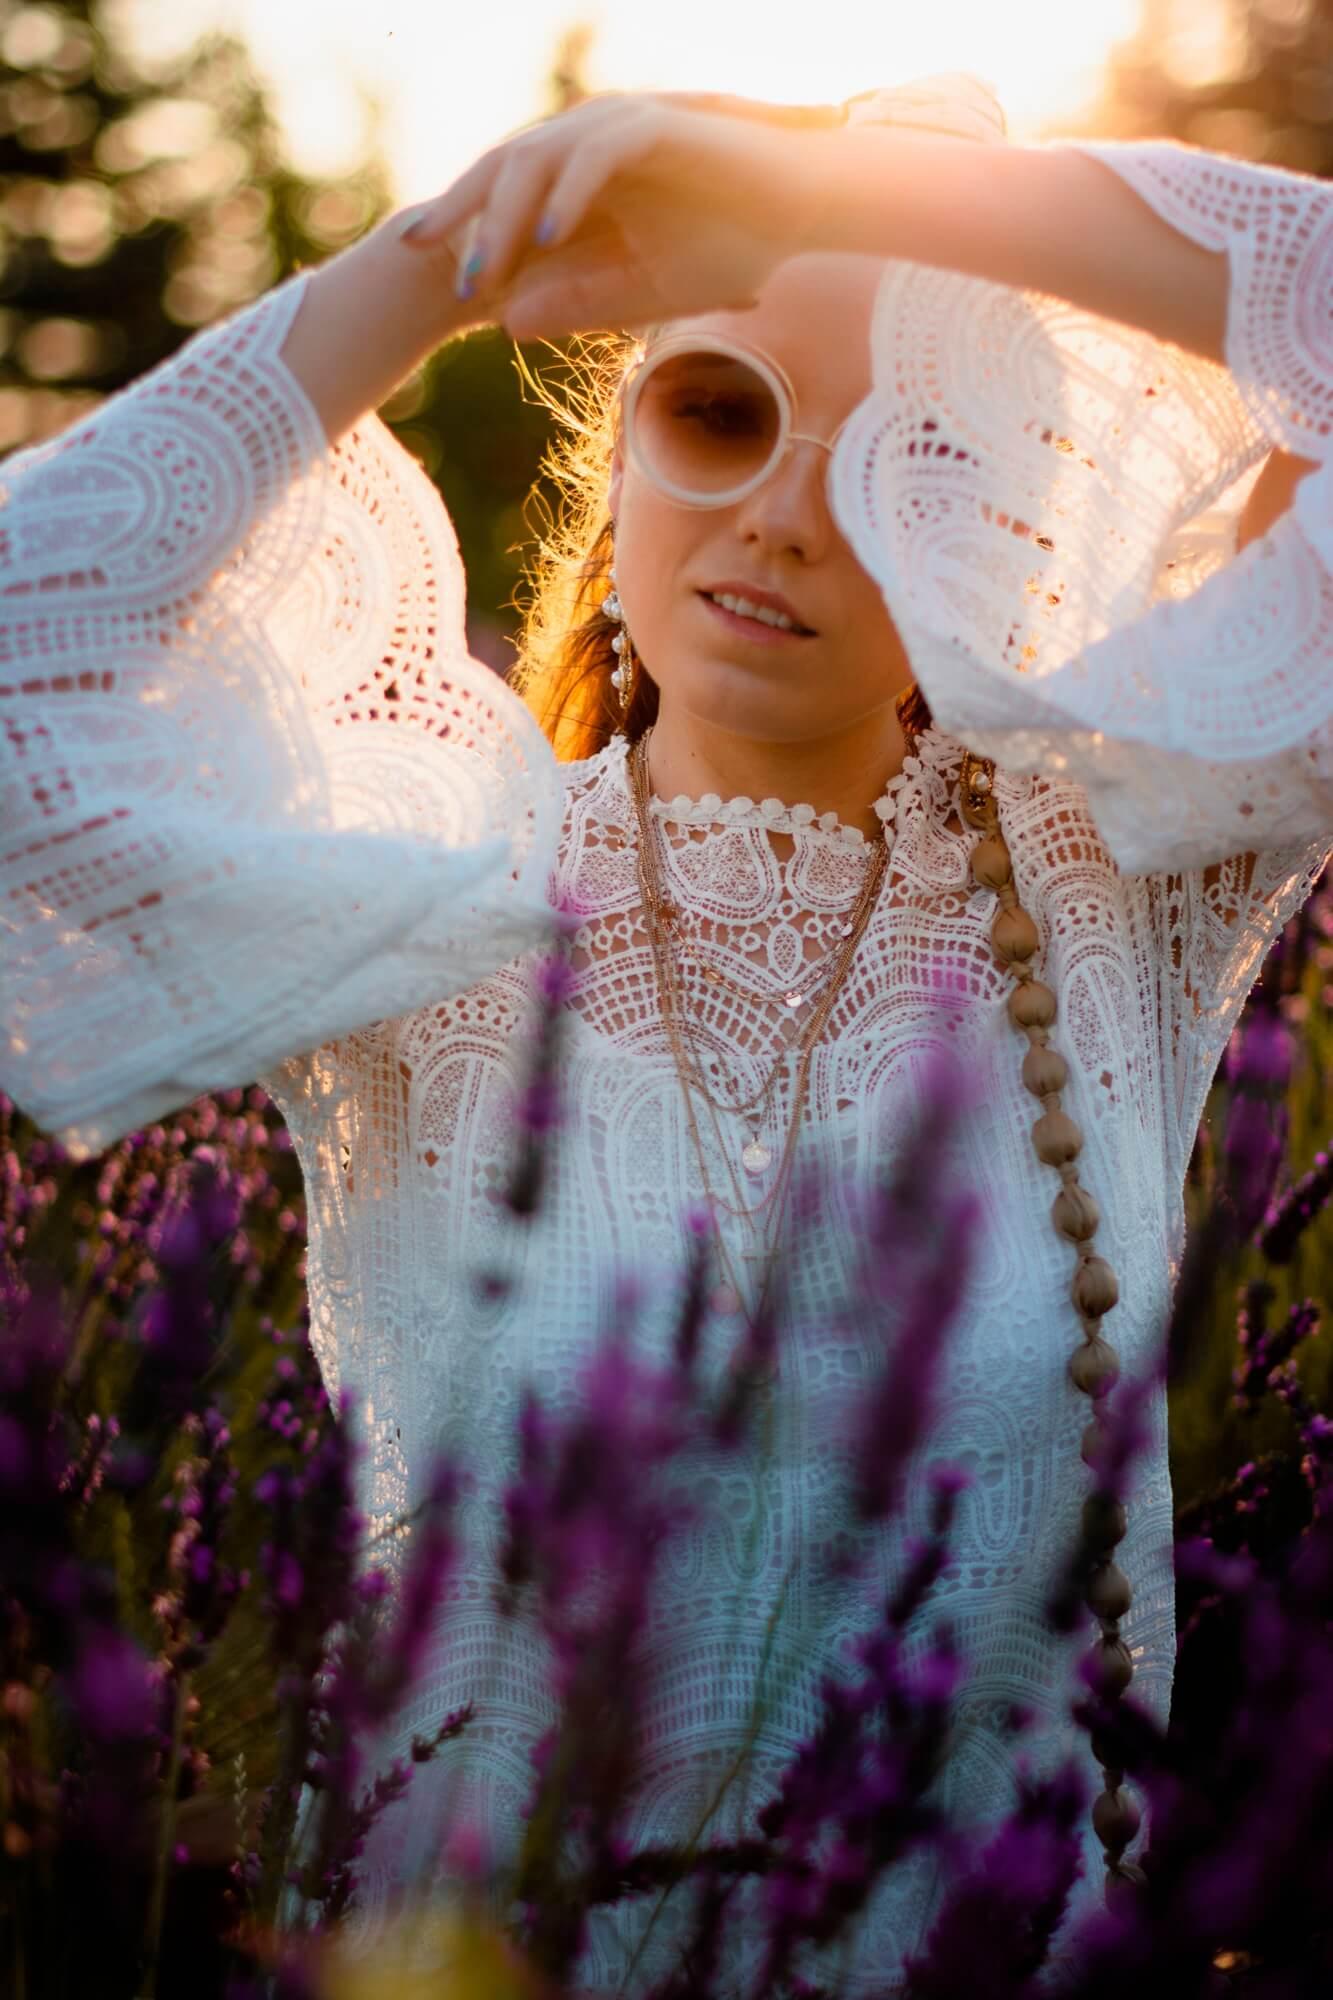 blog modowy blogerka modowa karyn puławy biała sukienka boho koronka klapki z kokardą renee torebka pleciona koszyk sesja na polu lawendy stylizacja look boho okrągłe okulary sukienka koronkowa z bufiastymi rękawami weronika nitek la lawenda